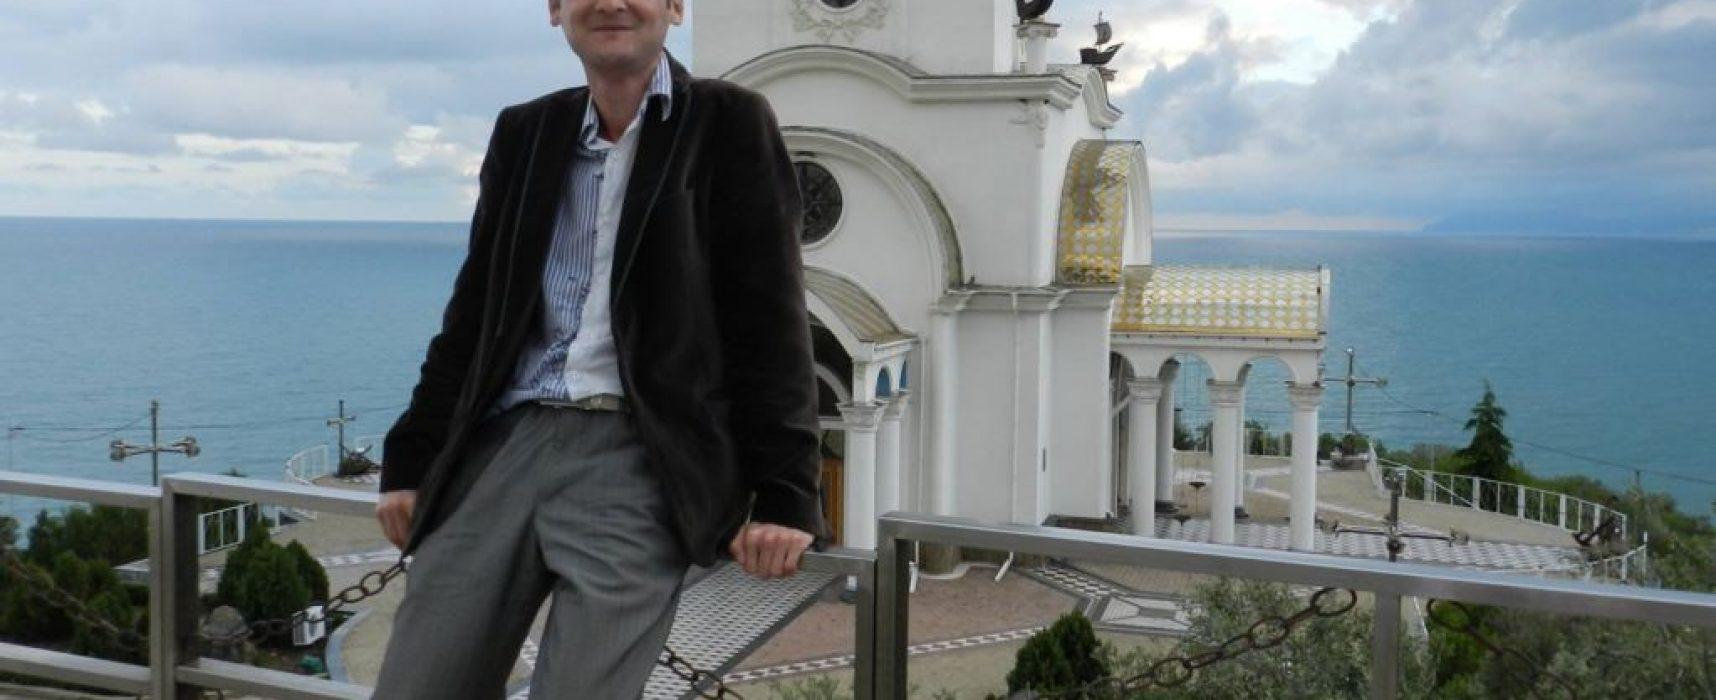 У Криму російські силовики знову затримали блогера Гайворонського